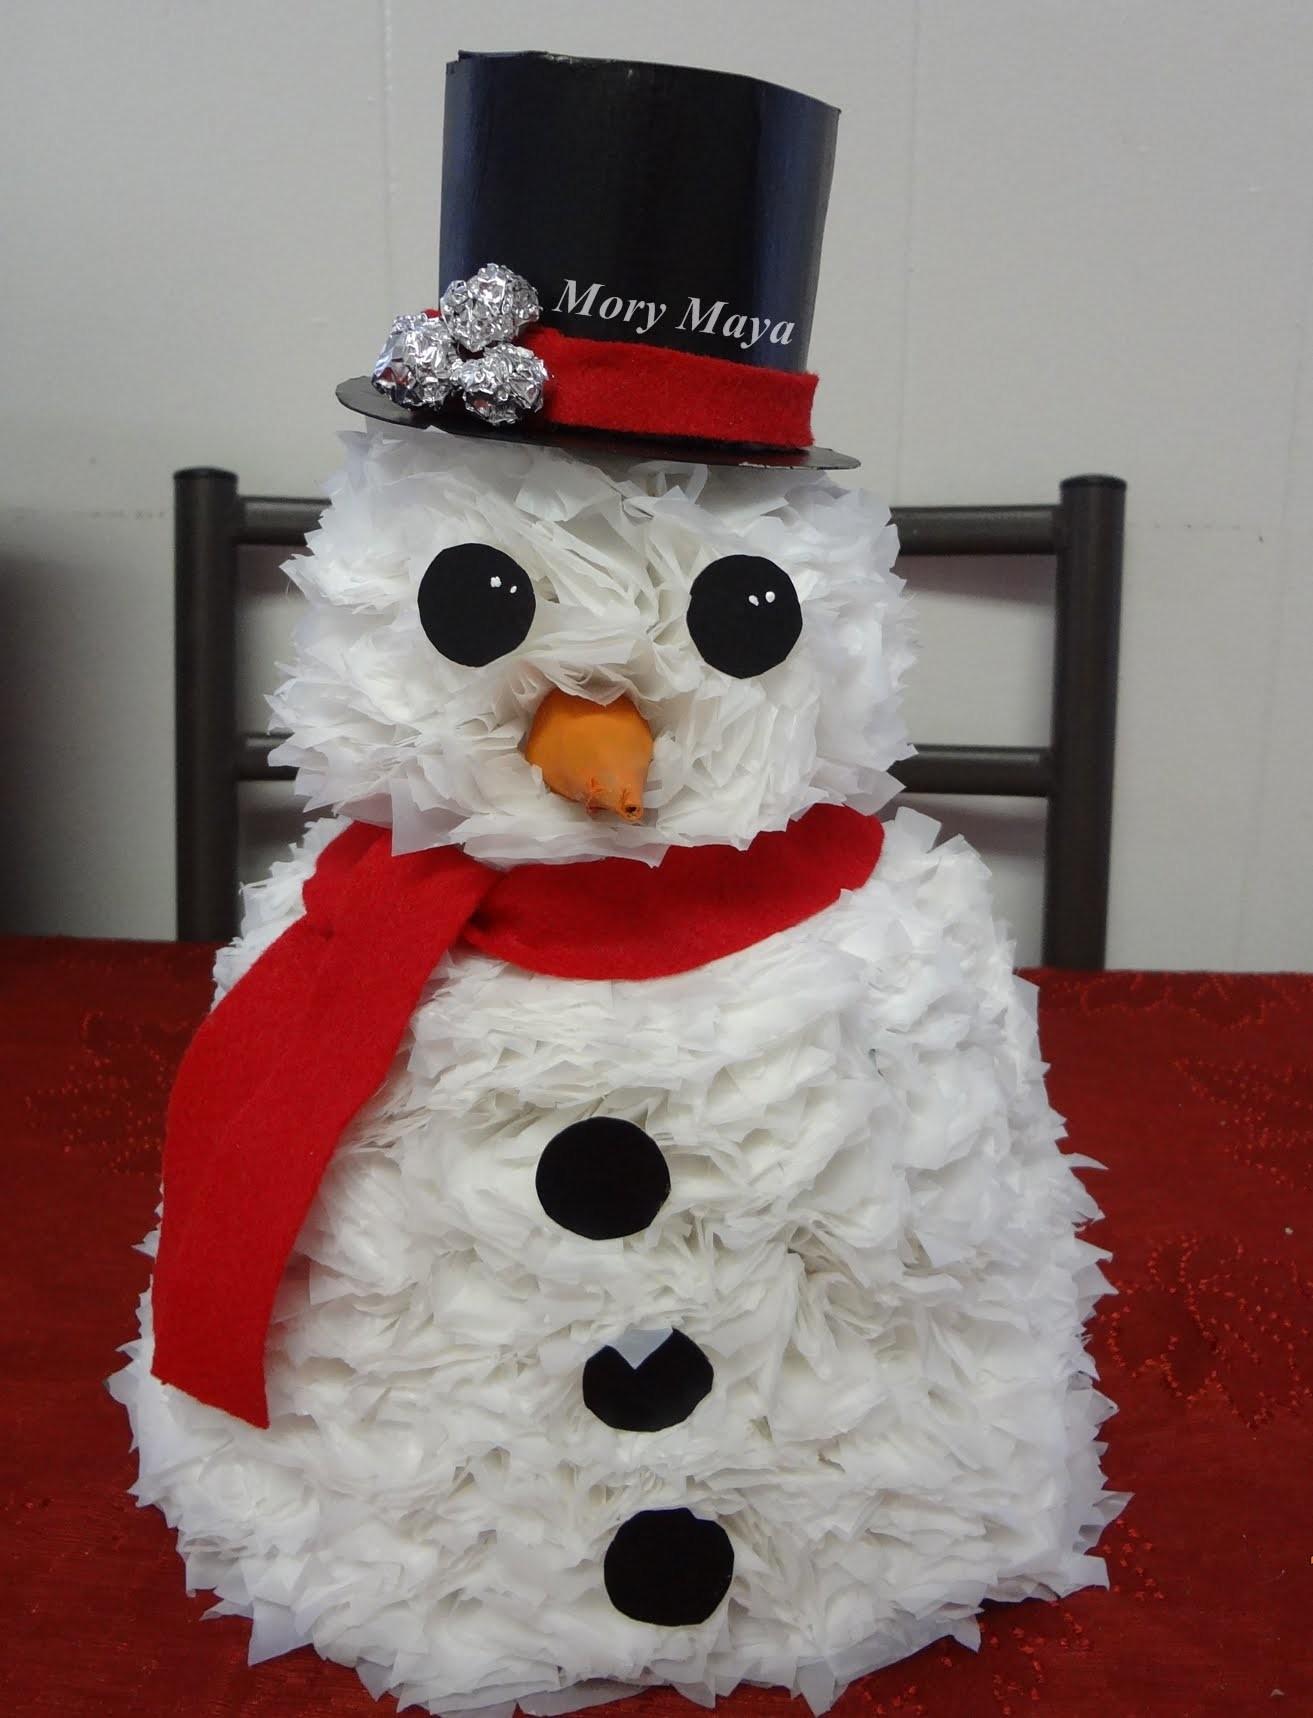 Como hacer un arbolito de navidad muñeco de nieve. DIY snowman tree